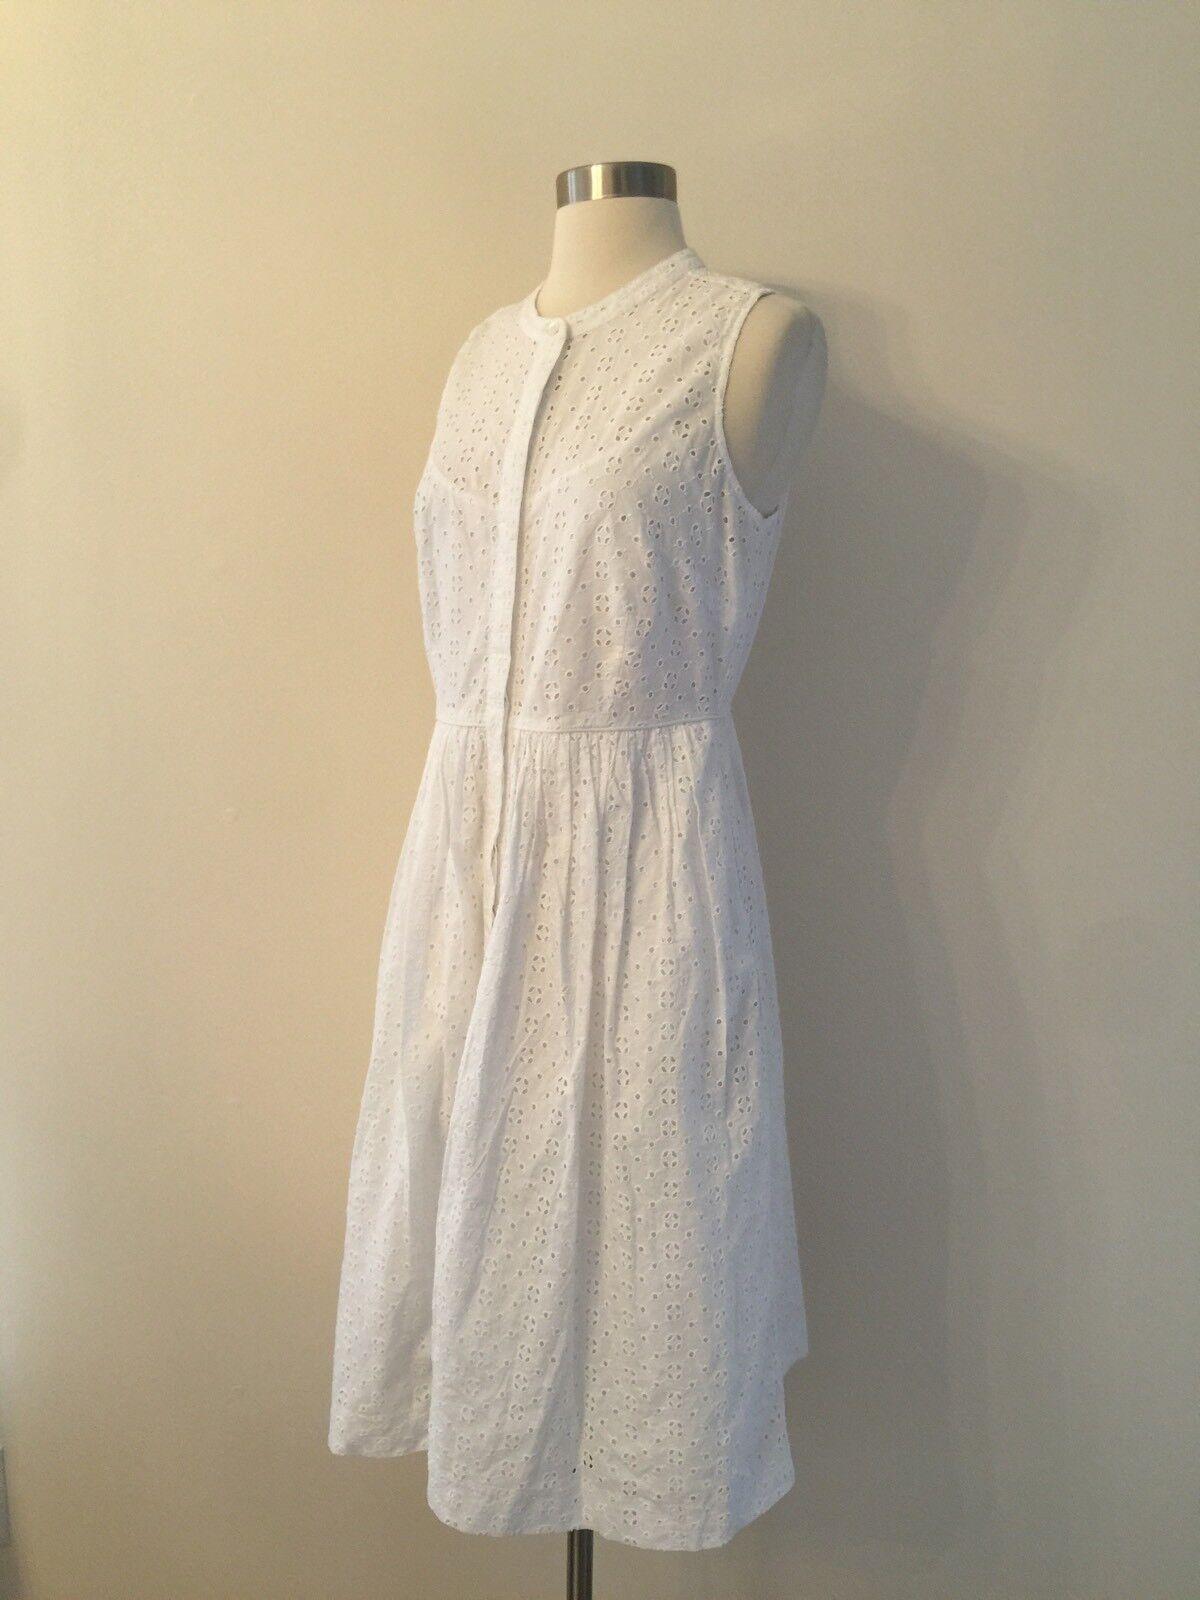 New J.Crew Eyelet Shirtdress Dress in Weiß Größe 6 G4807 SUMMER 2017